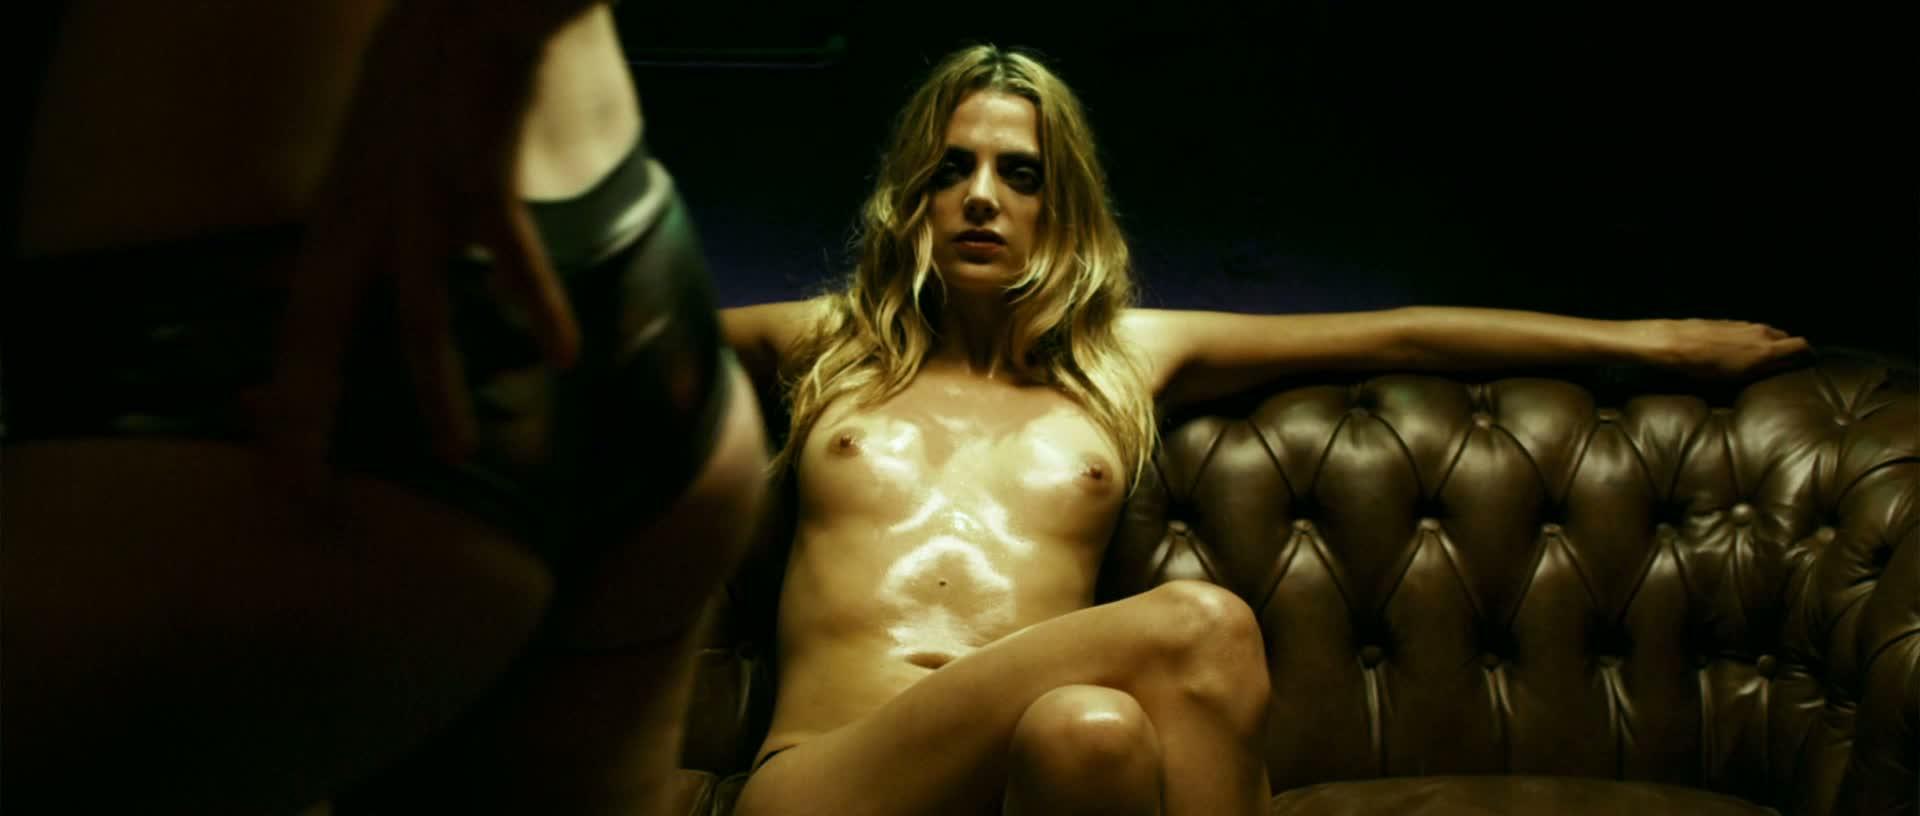 Jenna Dewan-Tatum desnuda - ANCENSORED